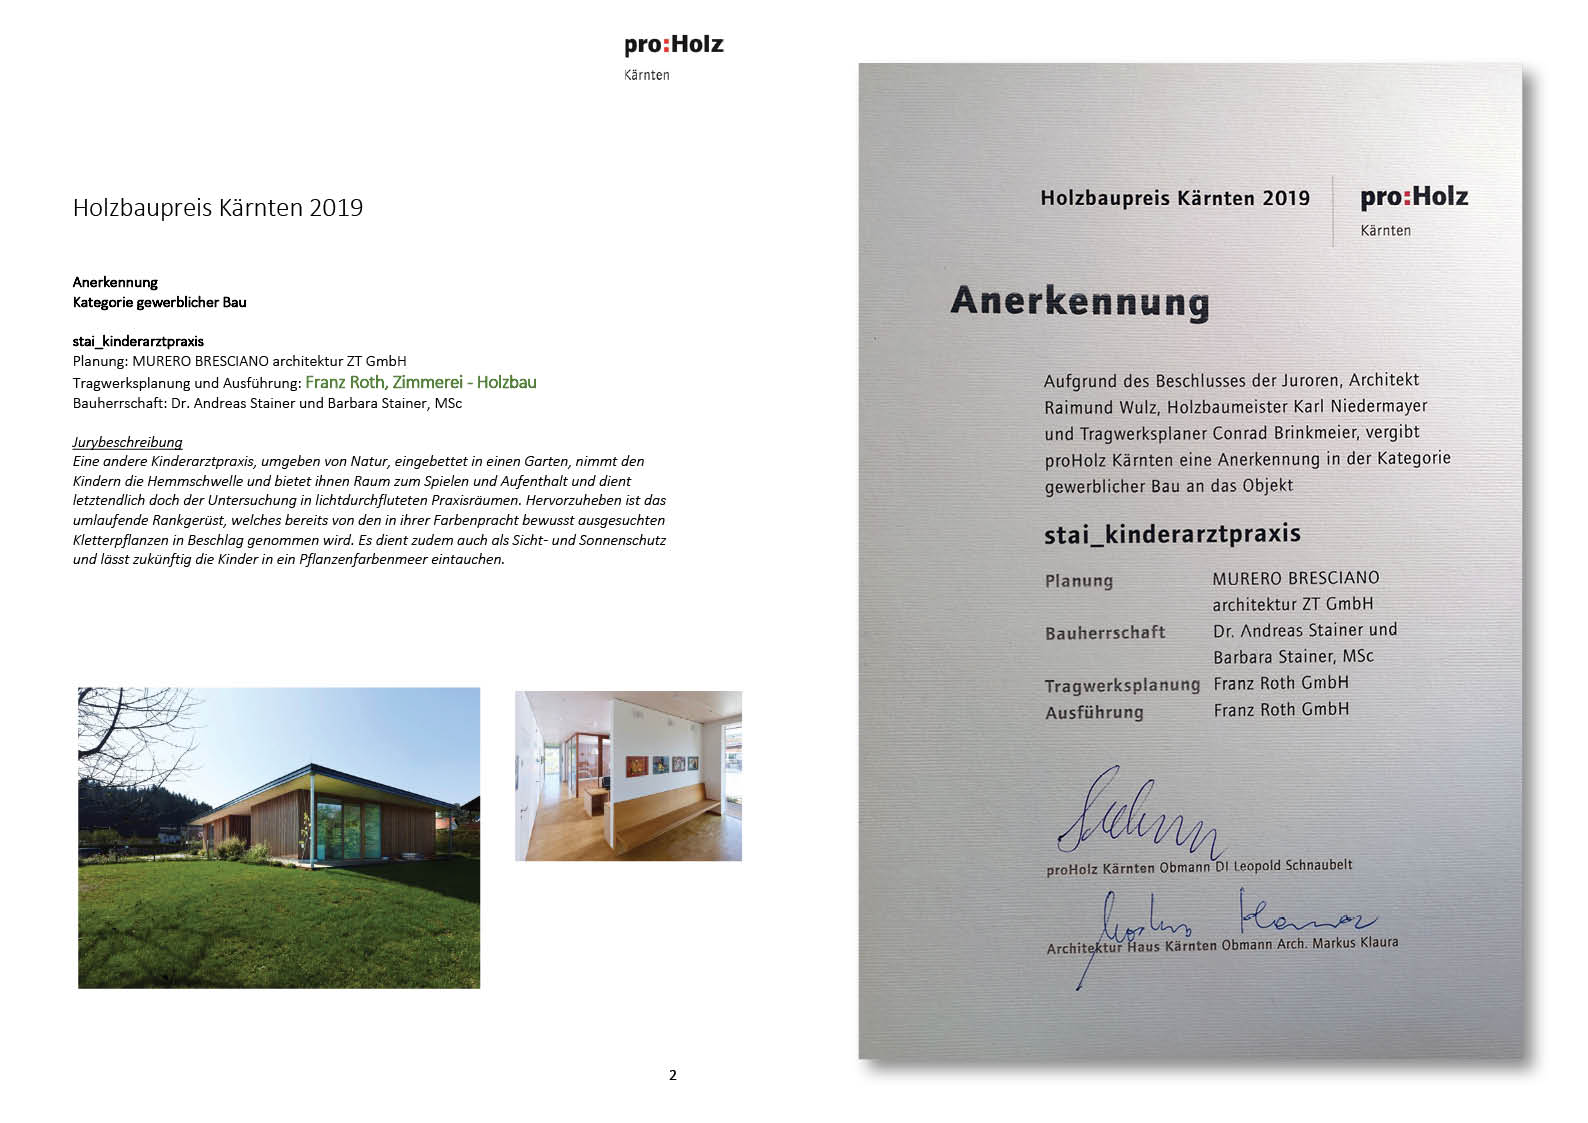 Annerkennung Holzbaupreis 2019